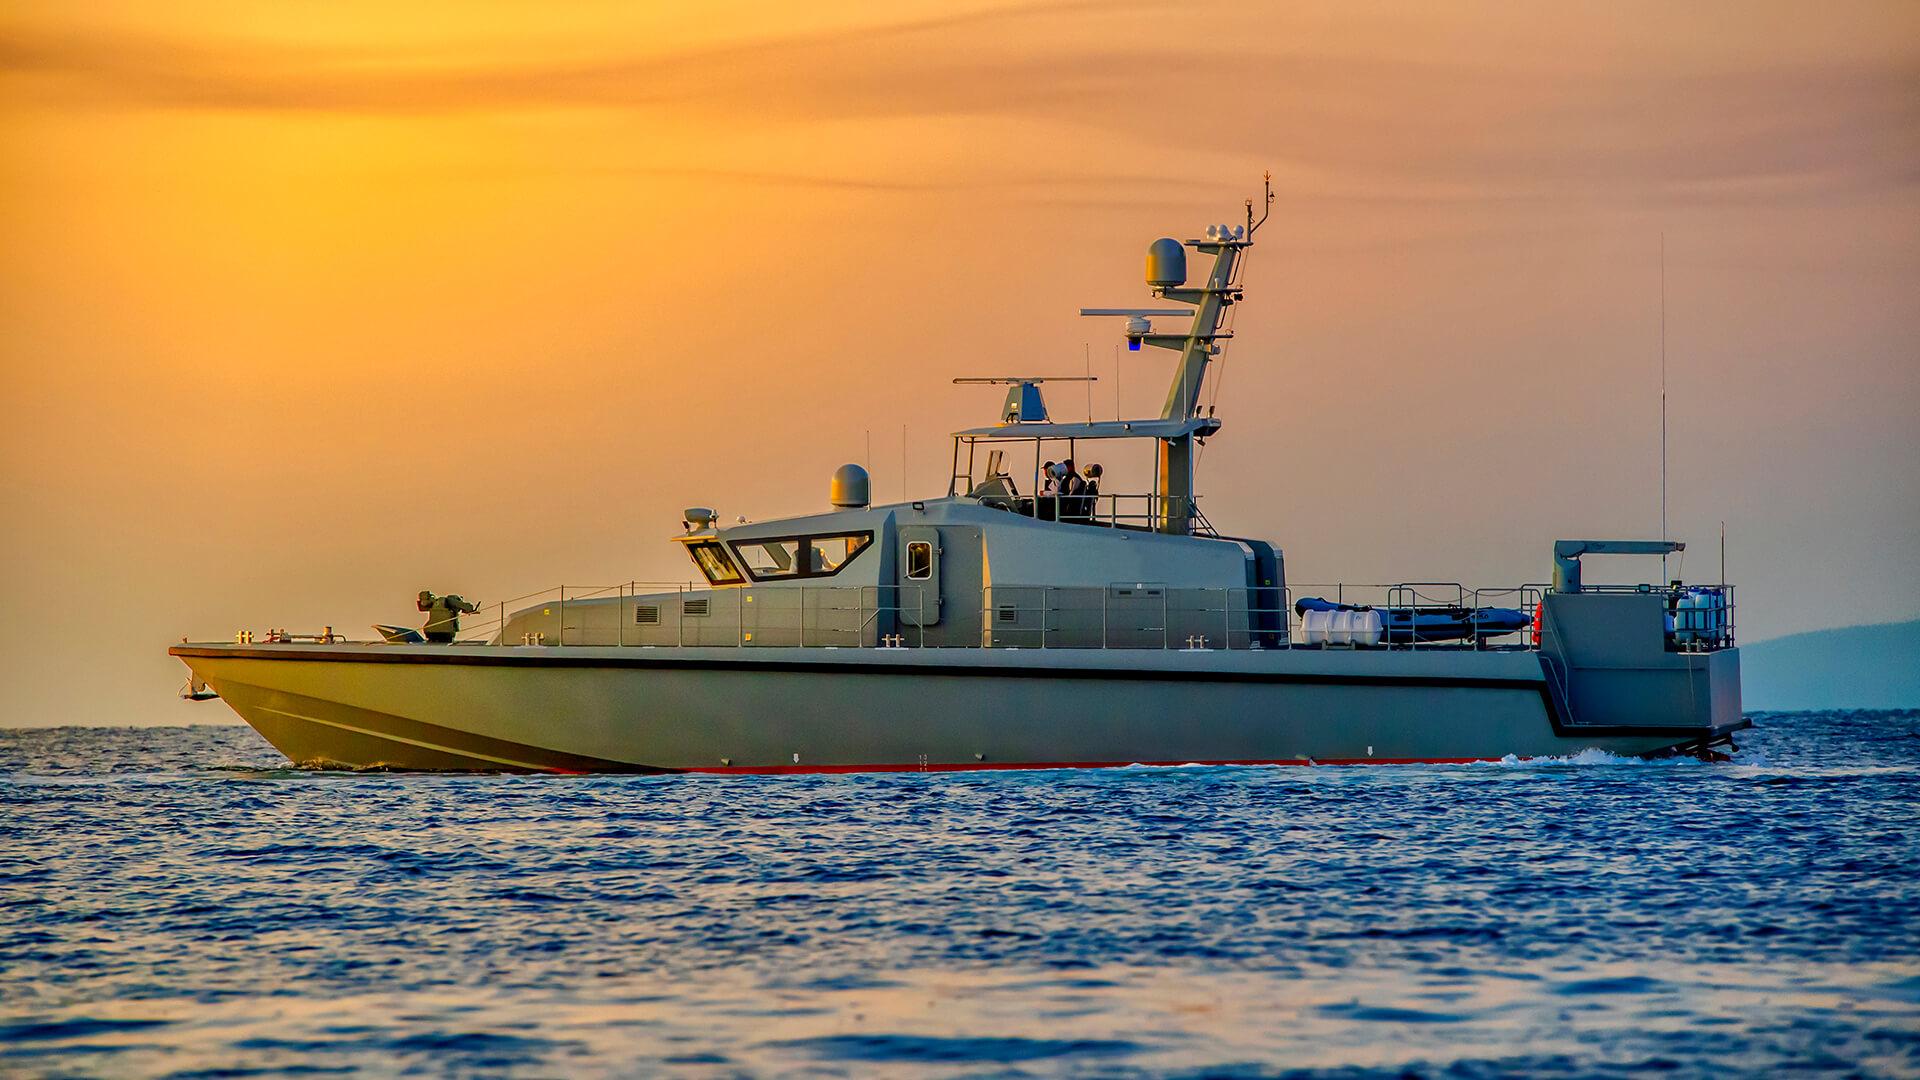 images/vessels/01-patrol-craft/02-series-hercules/06-ares-85-hercules/01.jpg